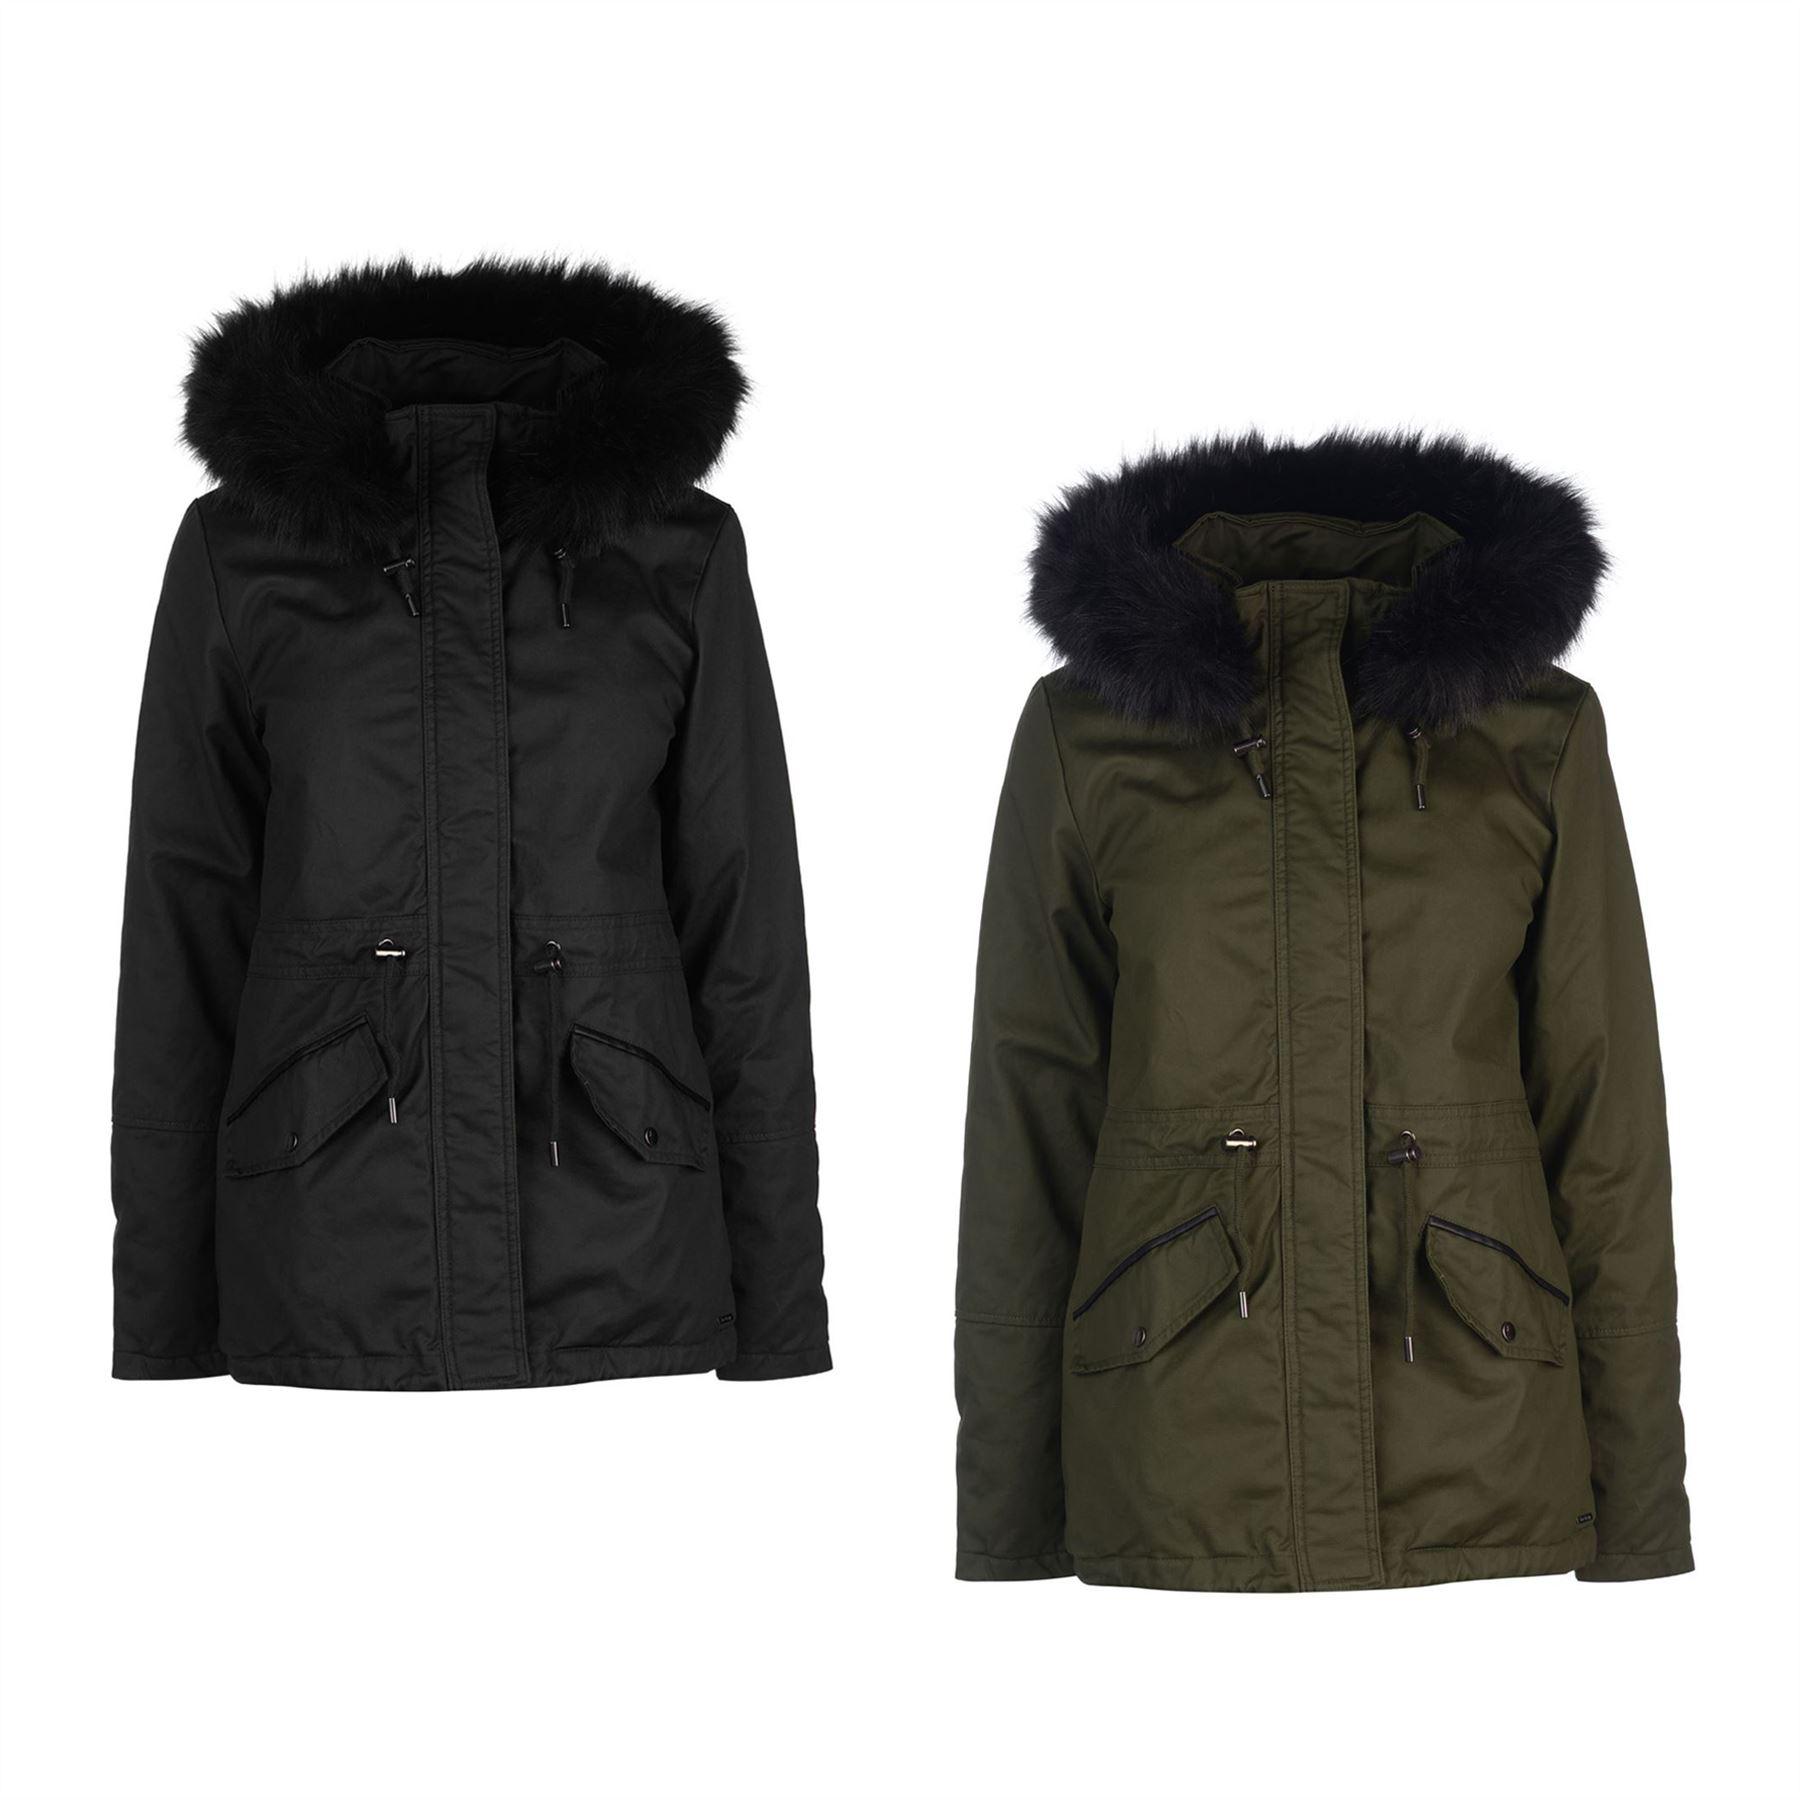 Firetrap Womens Petie Parka Jacket Coat Top Cotton Hooded Fur Trim Faux